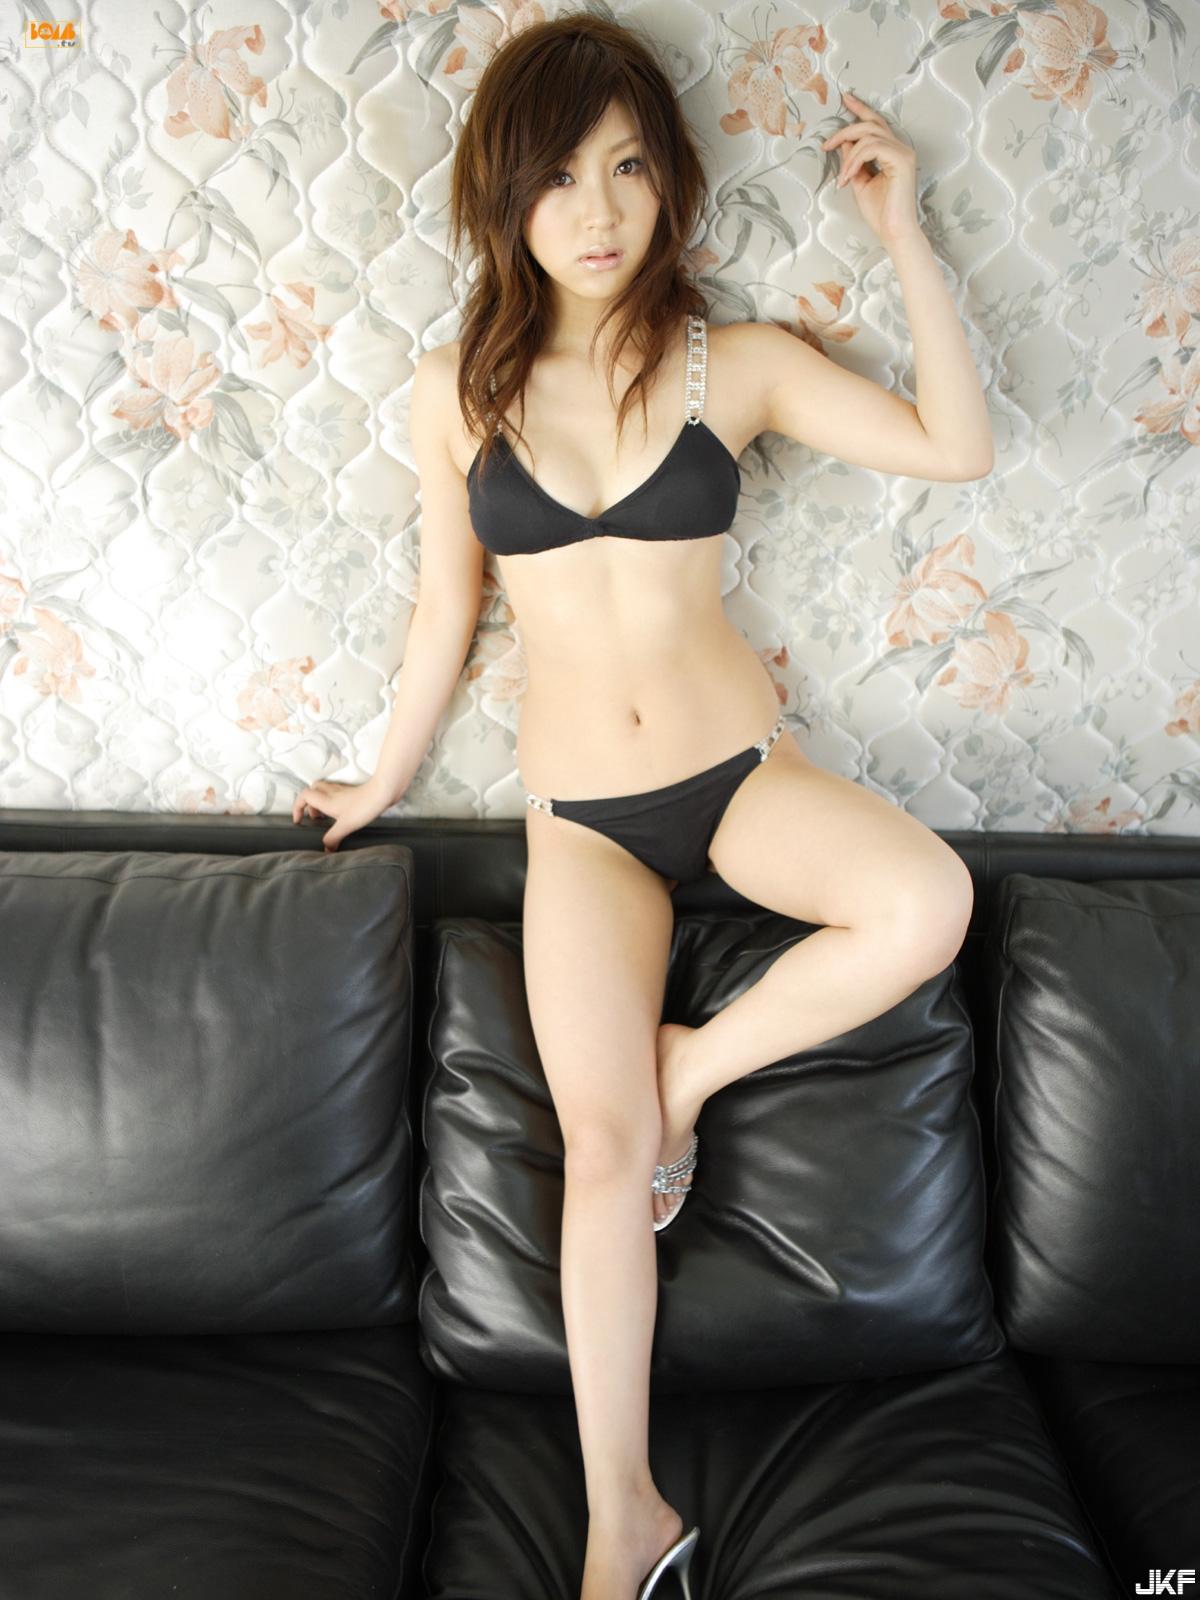 tatsumi-natsuko-589097.jpg